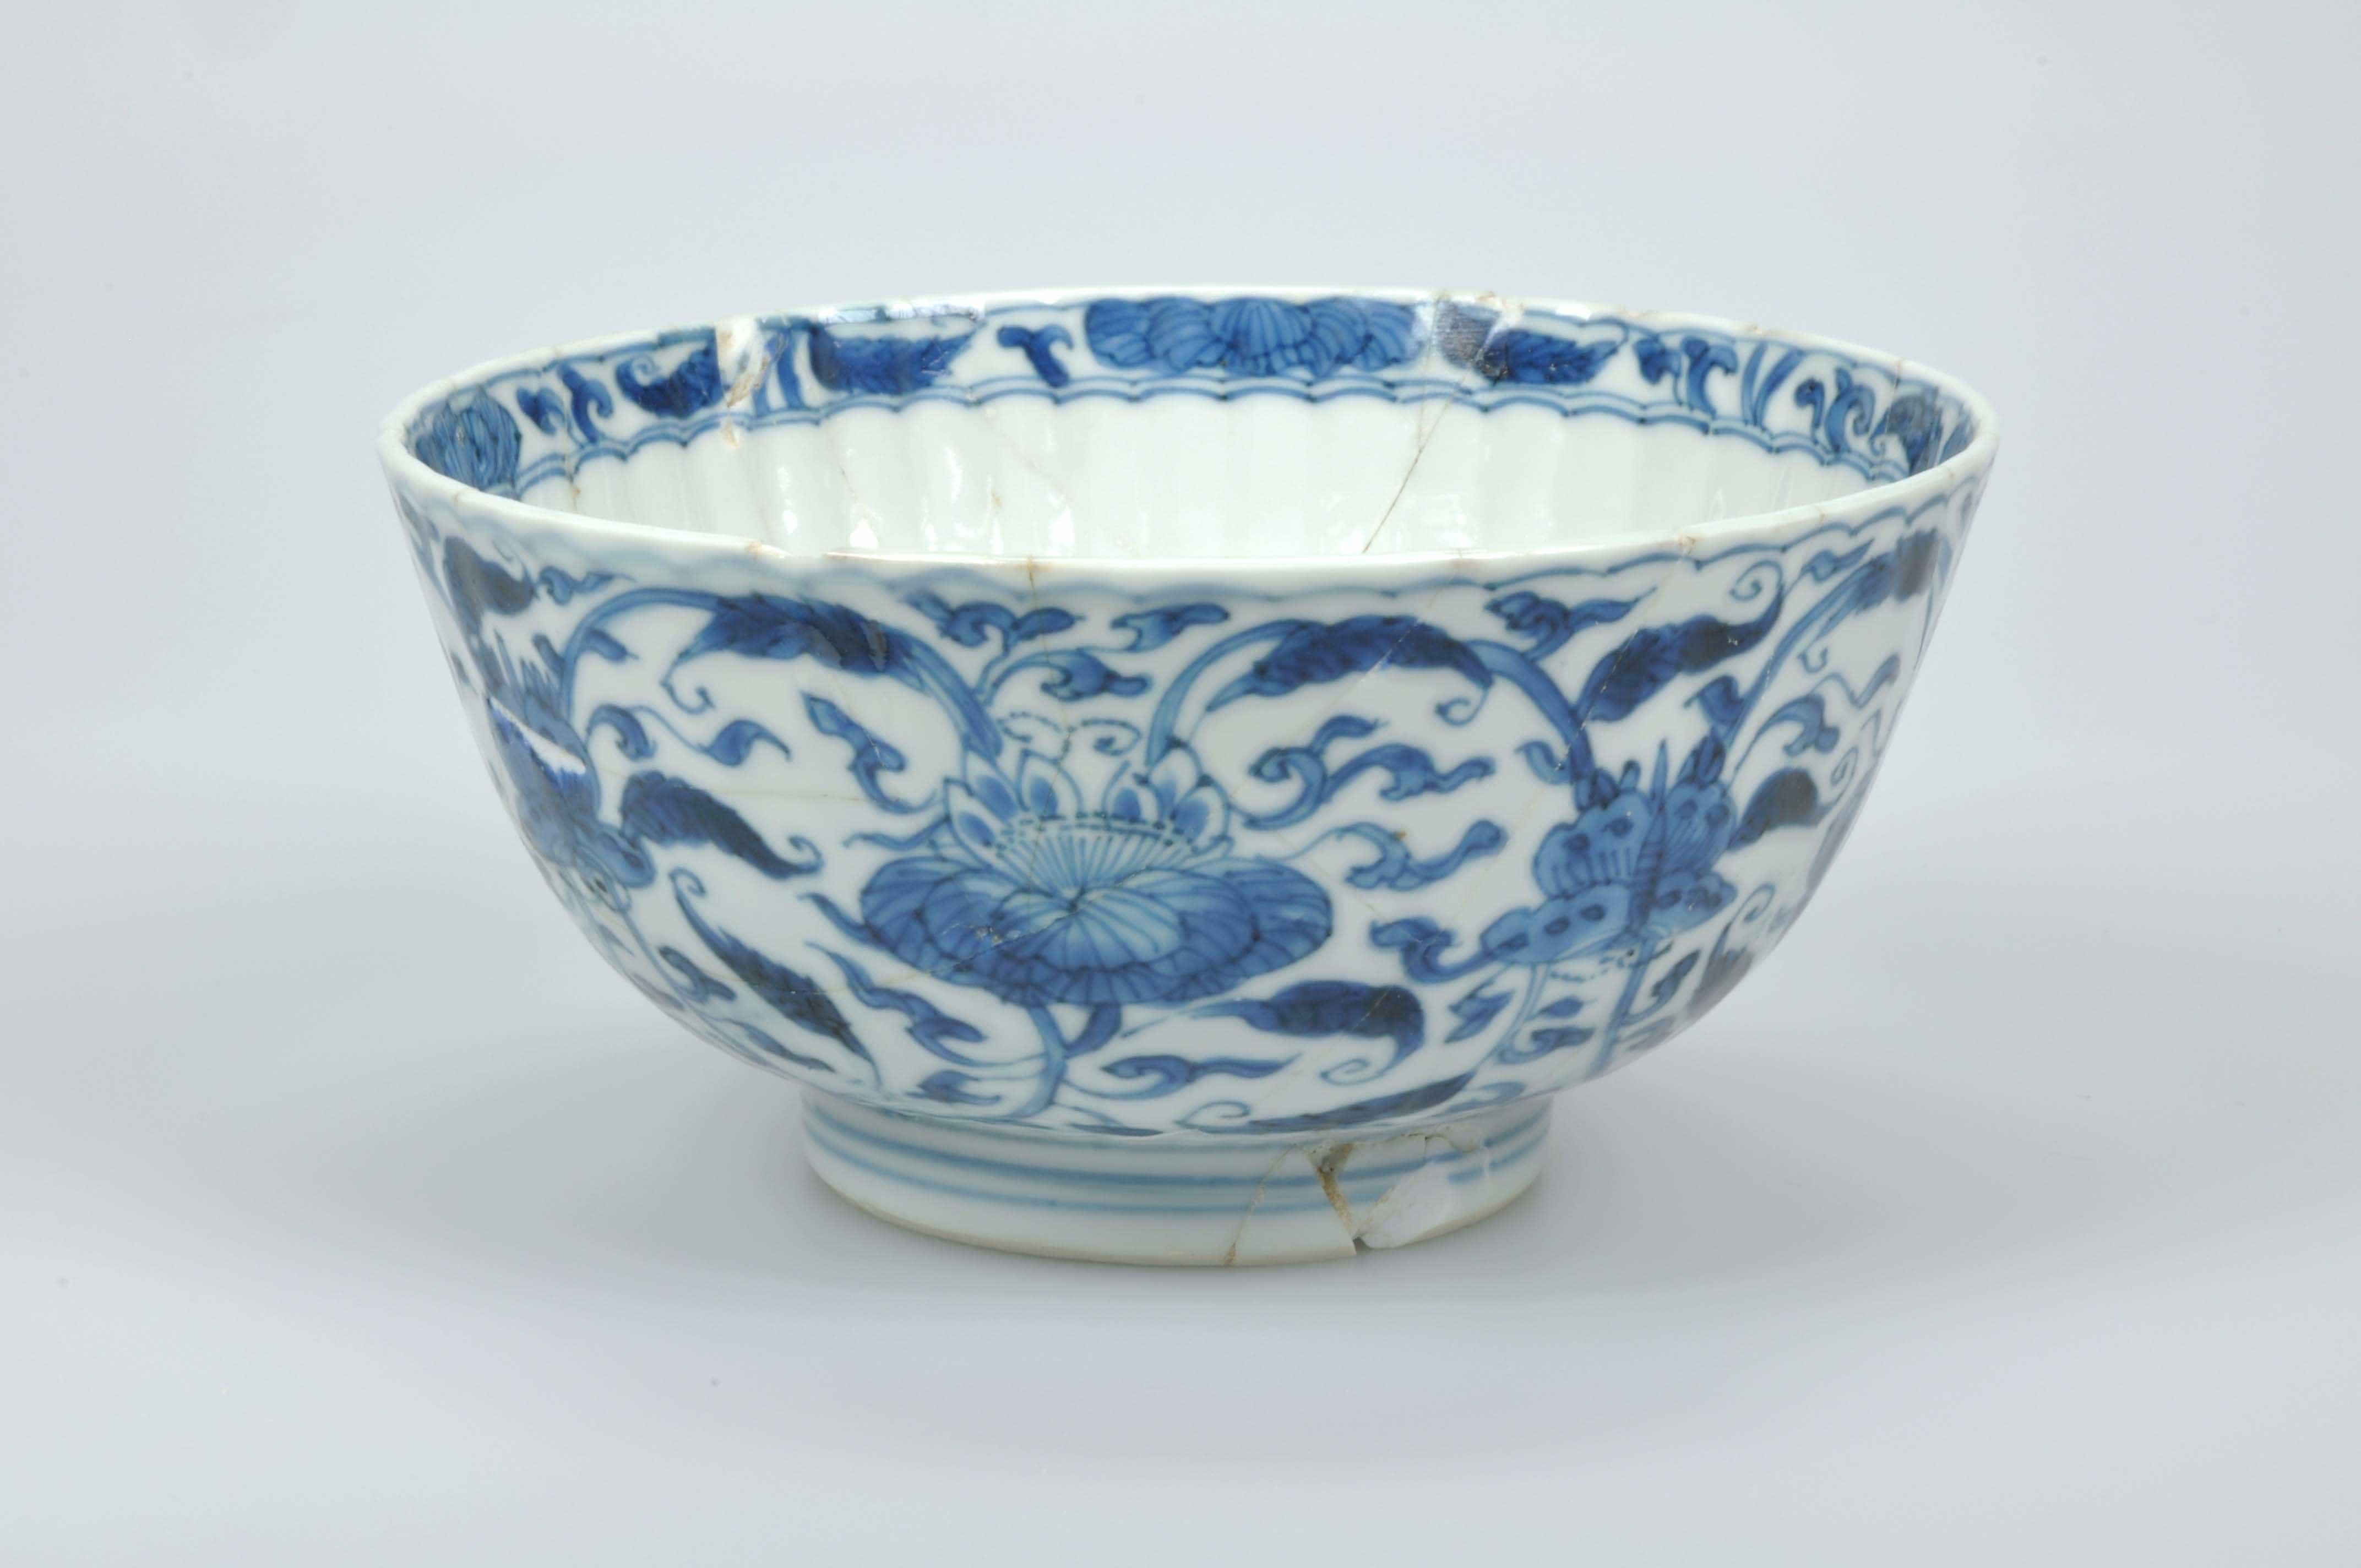 Schaal van Chinees porselein uit begin van de18de eeuw gevonden bij de opgraving op het Kazerneplein (1997)